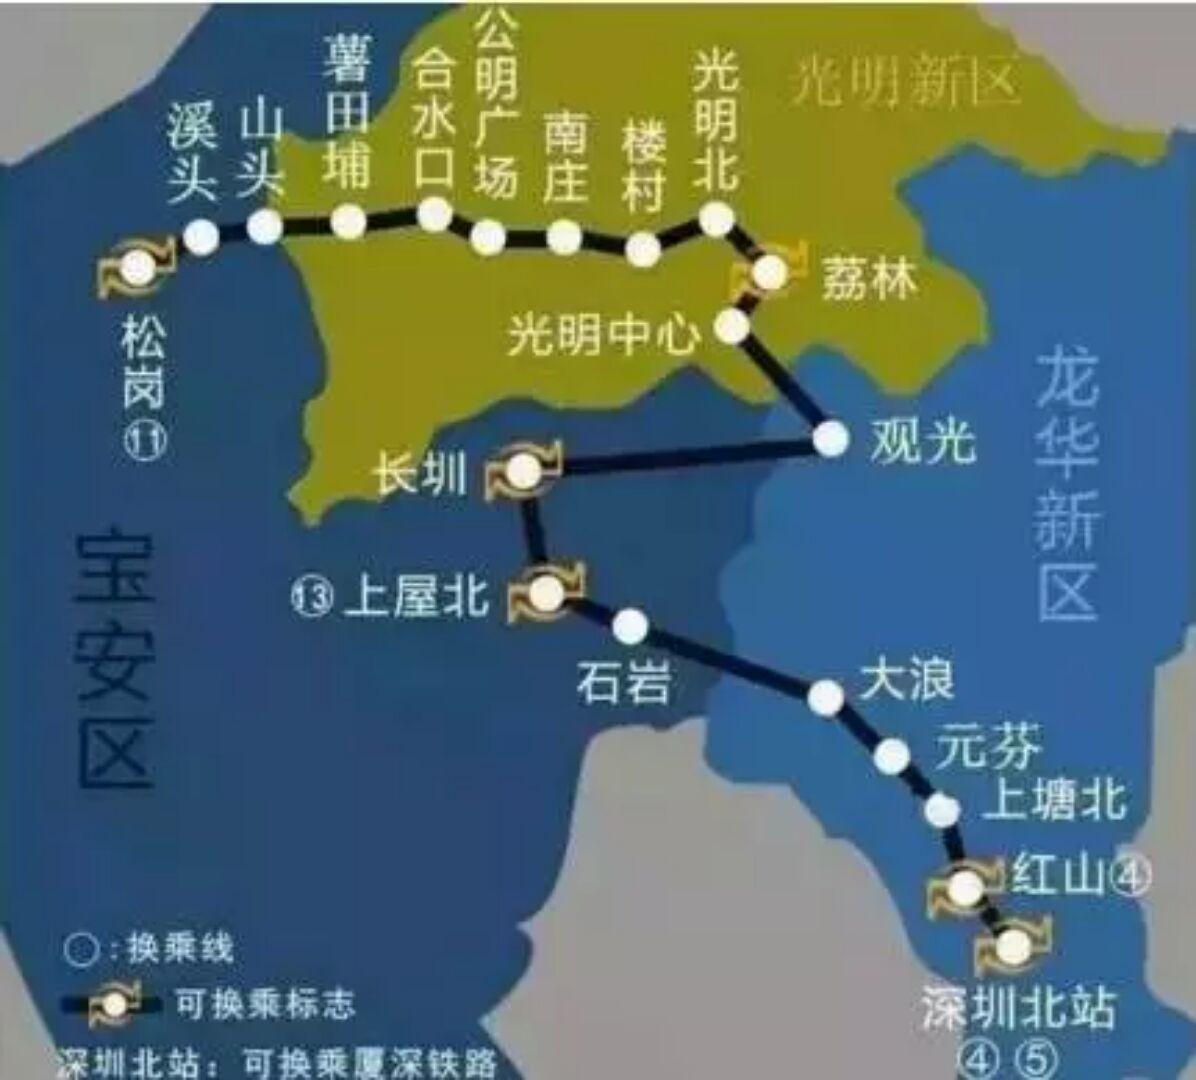 深圳地铁6号光明线南延线银湖站 八卦岭站首条暗挖隧道顺利贯通